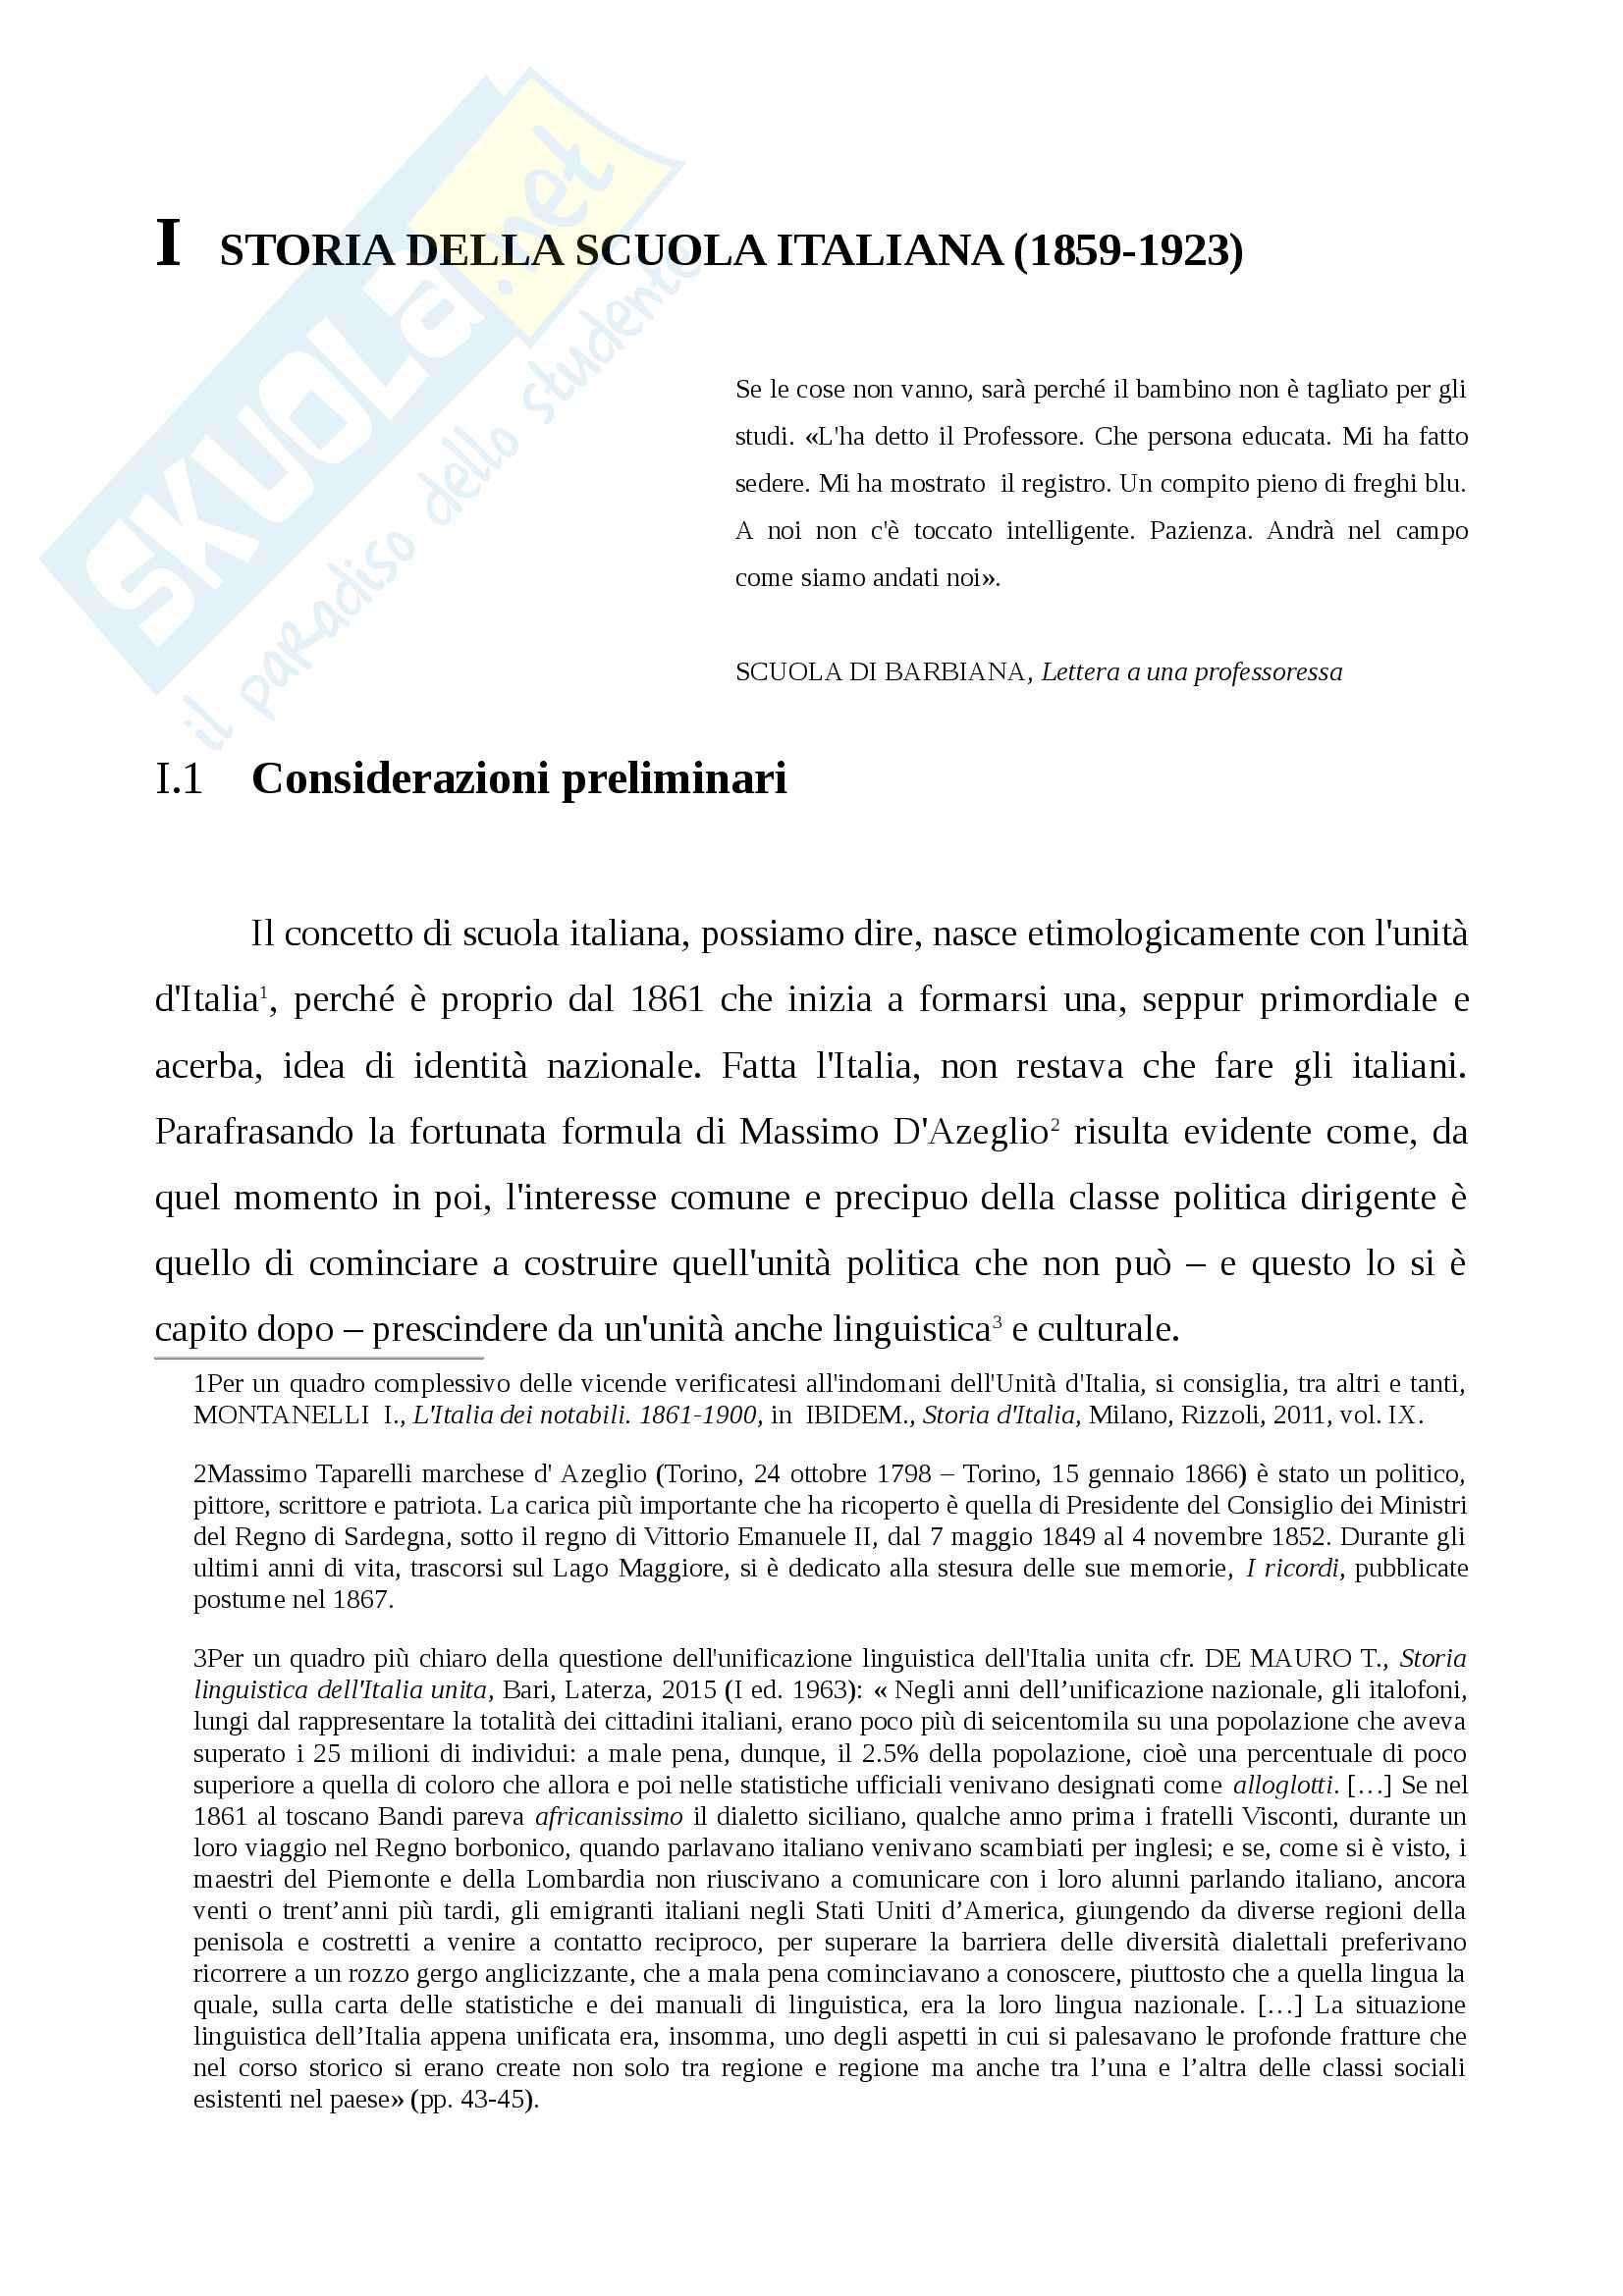 Storia della scuola italiana (legge Casati, Riforma Gentile)